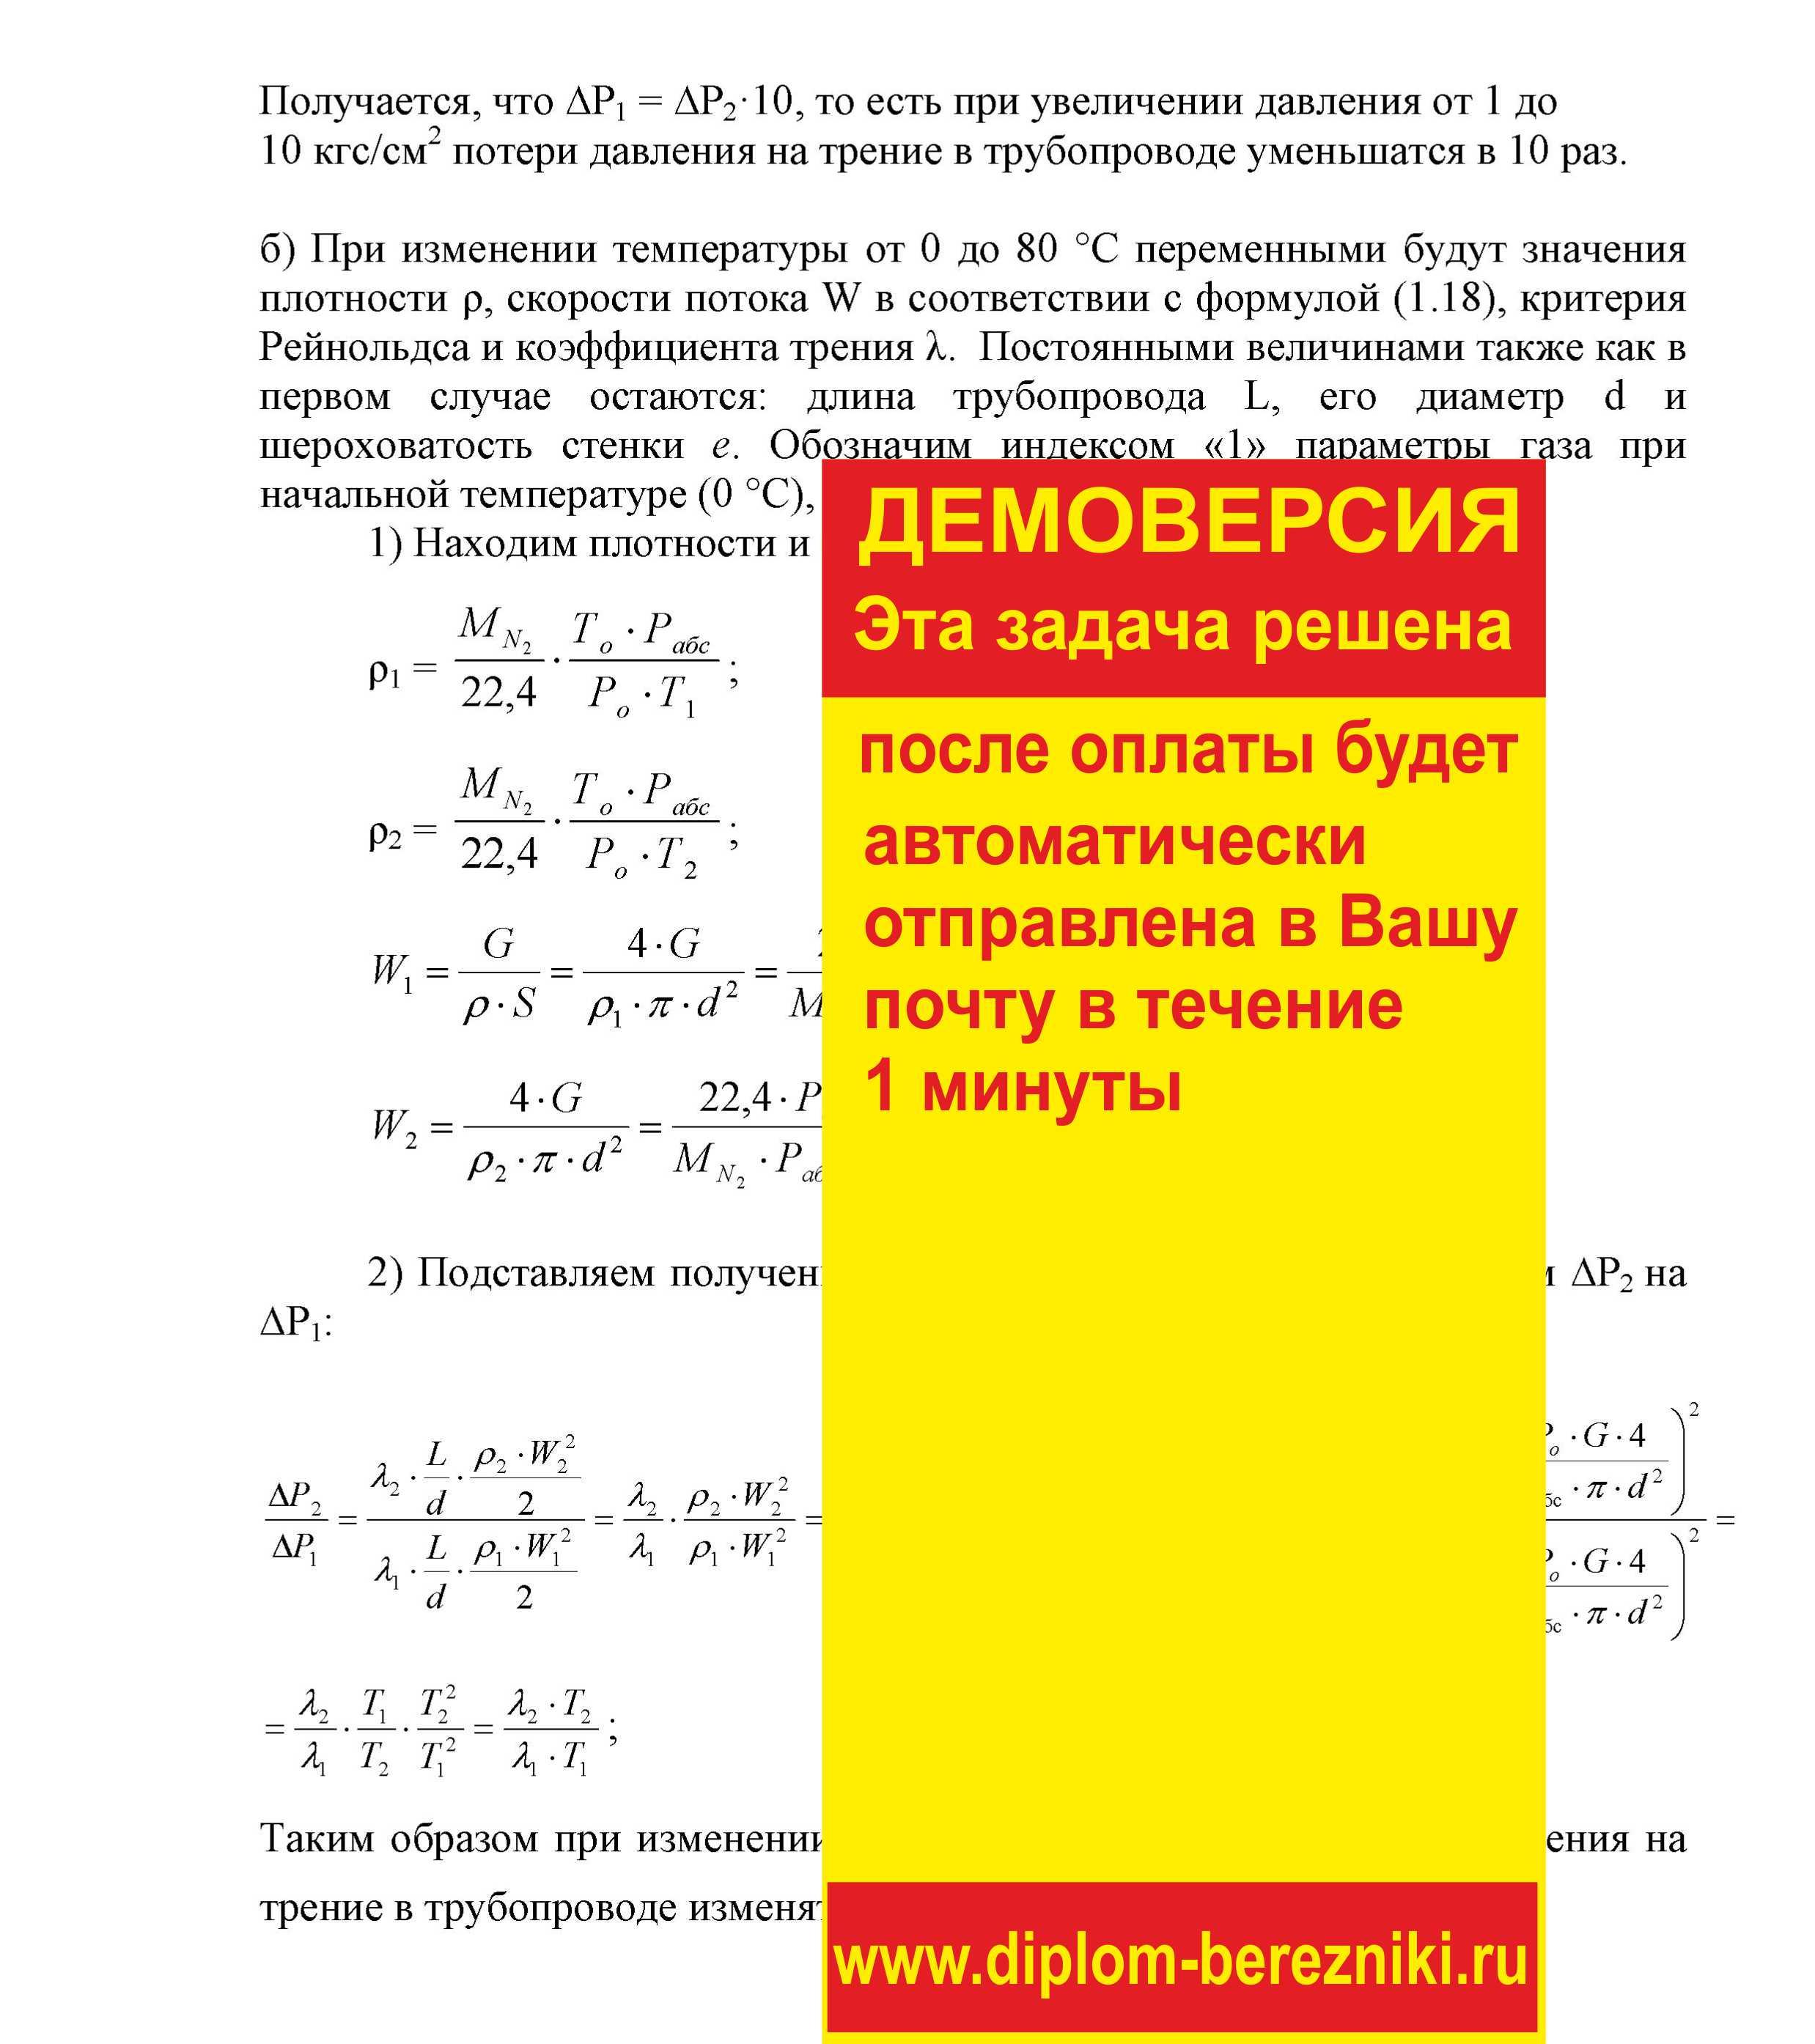 Решение задачи 1.29 по ПАХТ из задачника Павлова Романкова Носкова